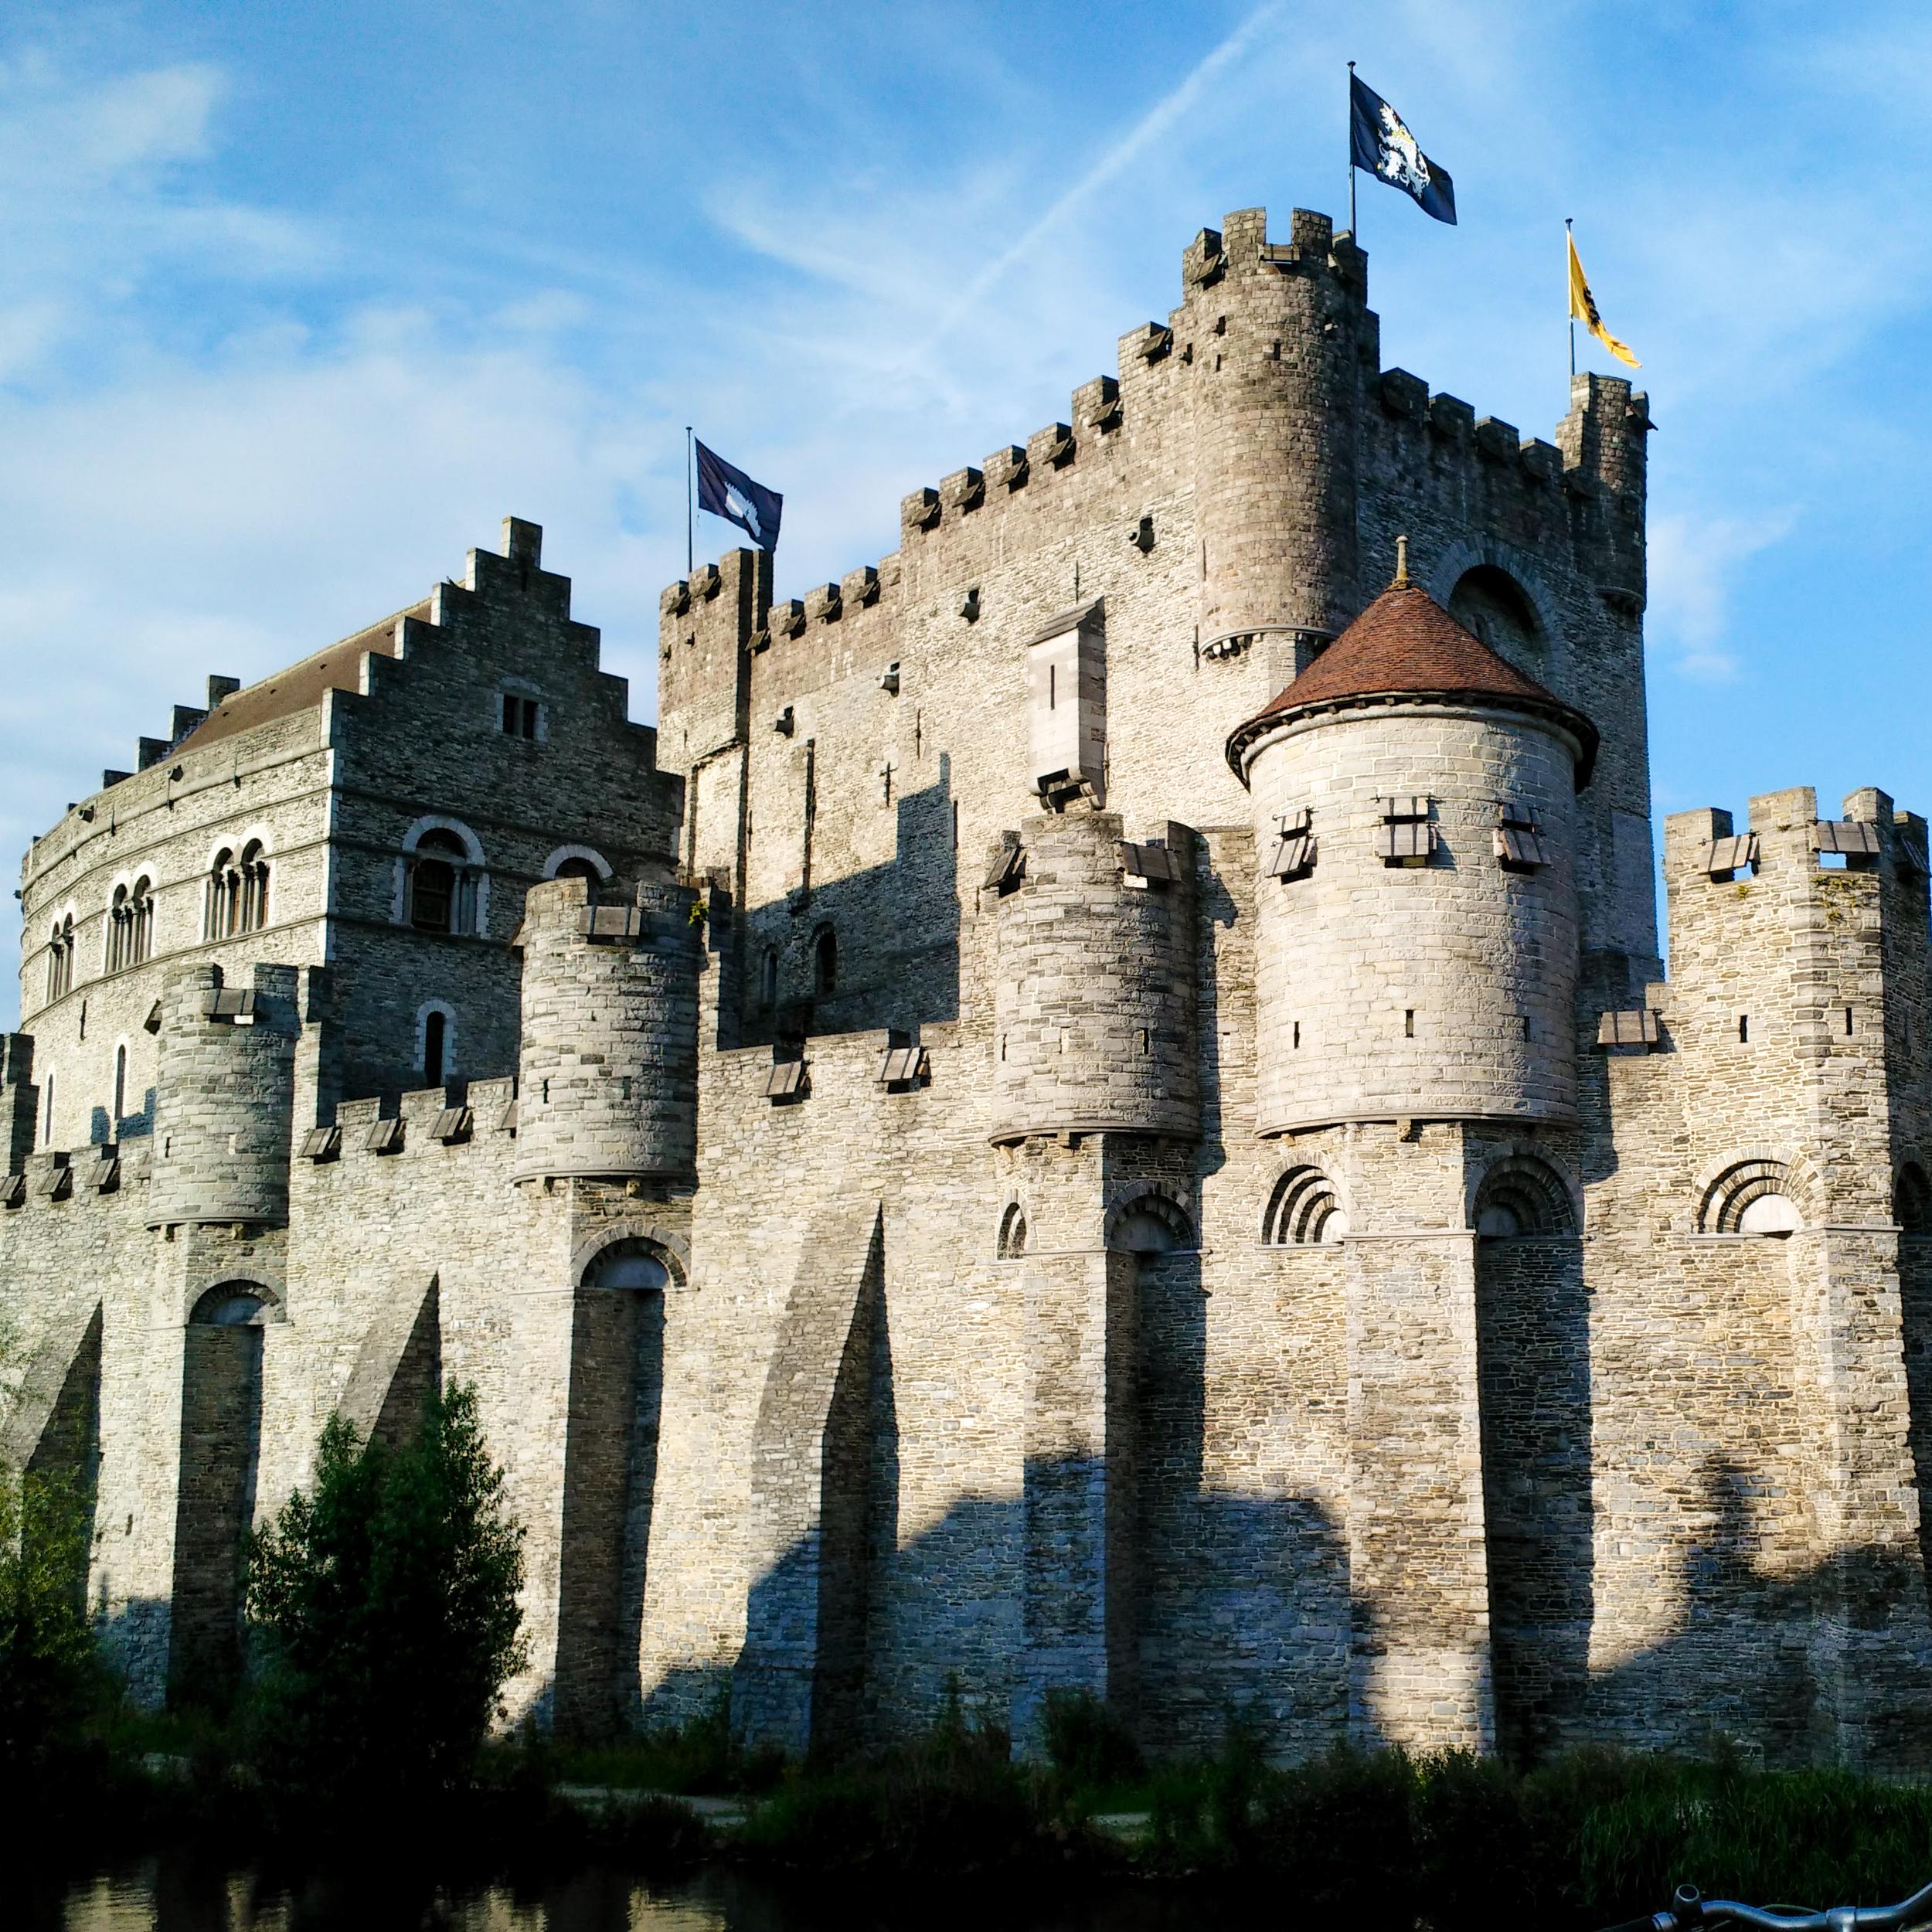 expat,  Gent, Belgium, wine, Gentse Feesten, castle